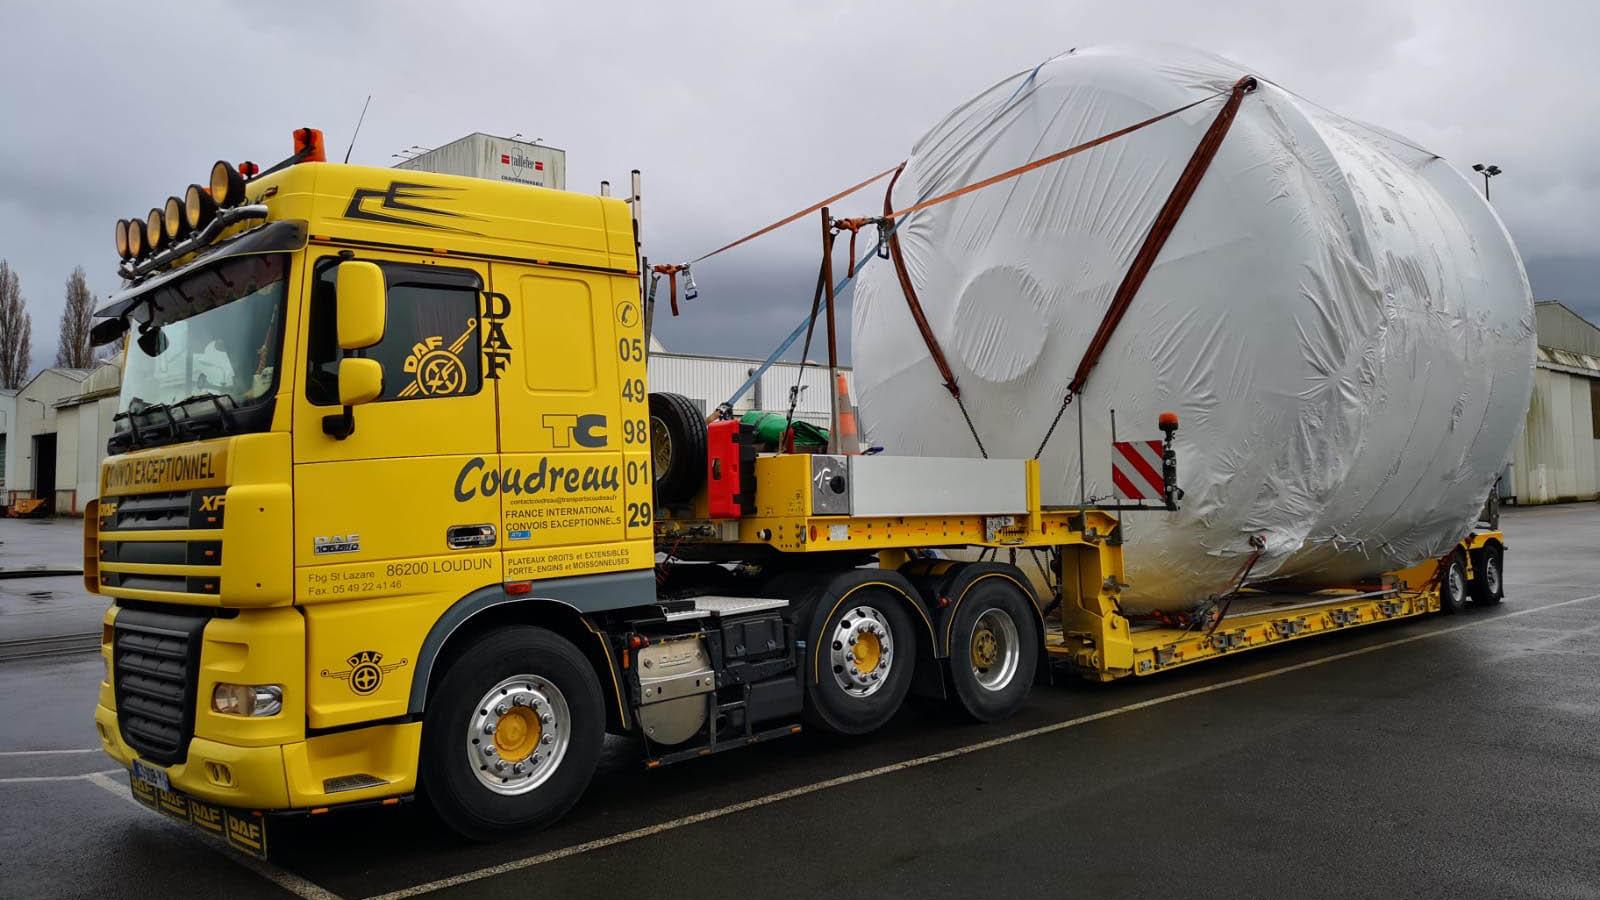 transports-coudreau-loudun-2-essieux-extensibles (1)